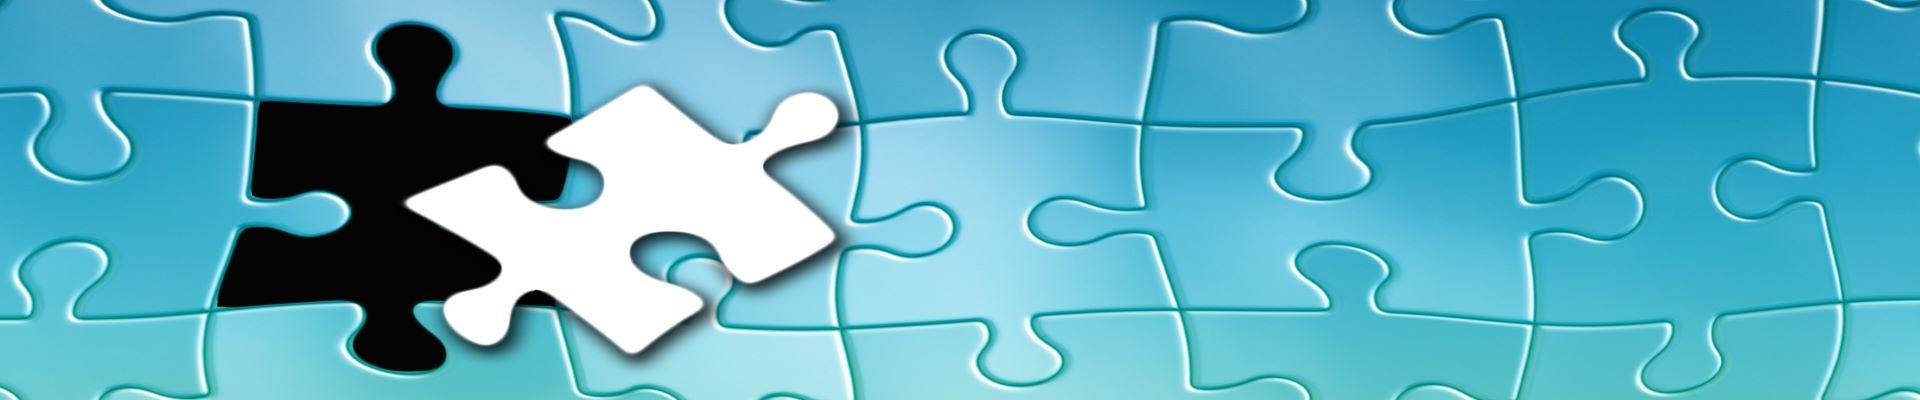 Puzzel, Symbol der Kompetenz